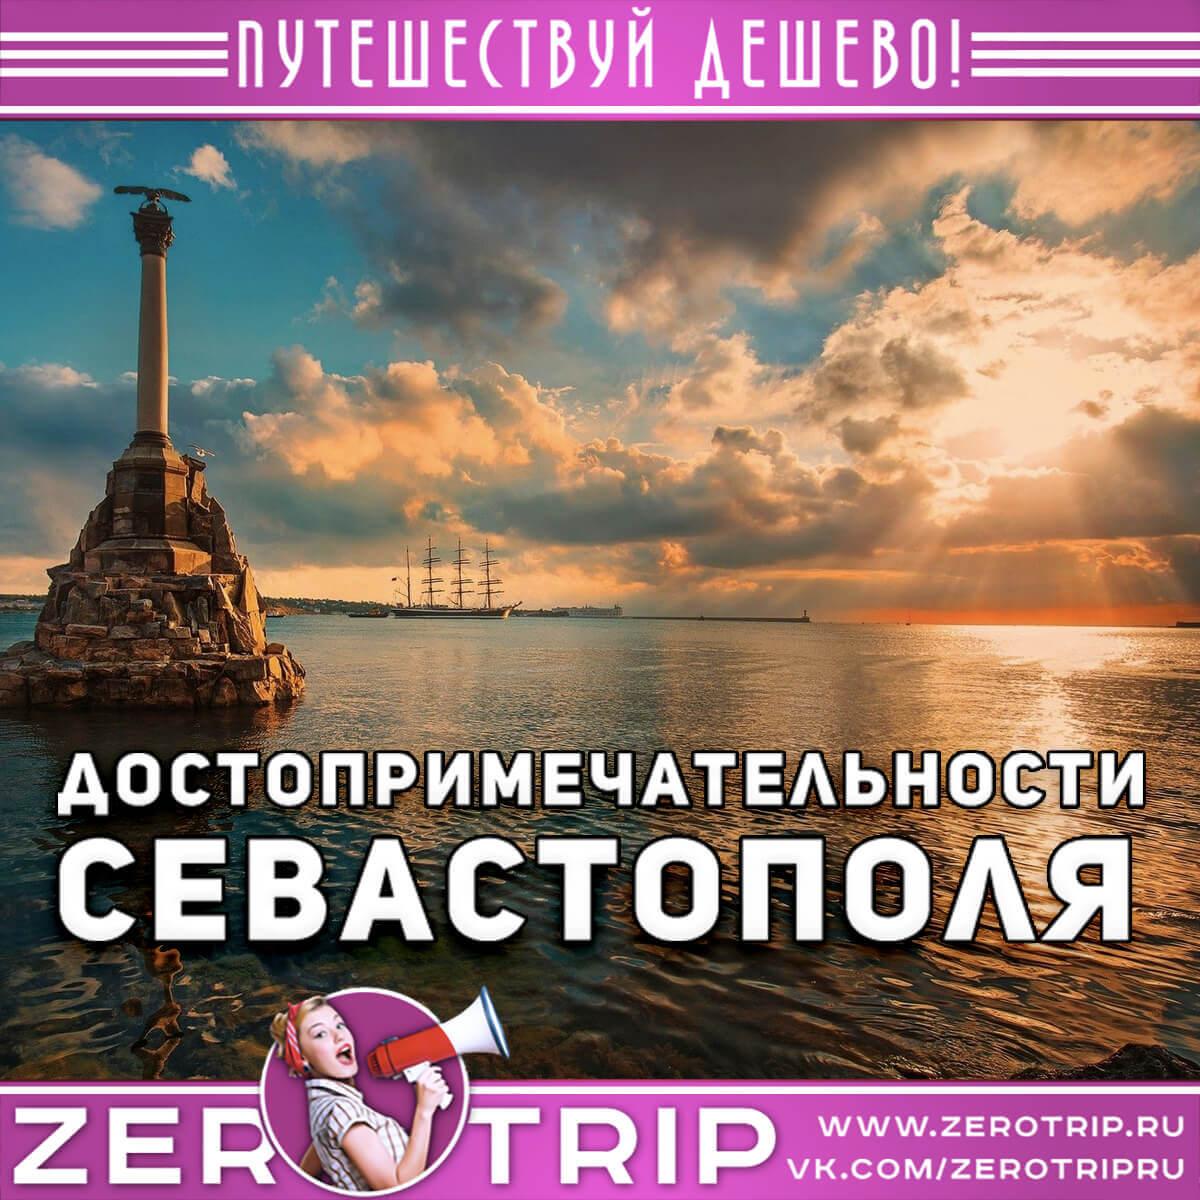 Достопримечательности Севастополя — топ 13